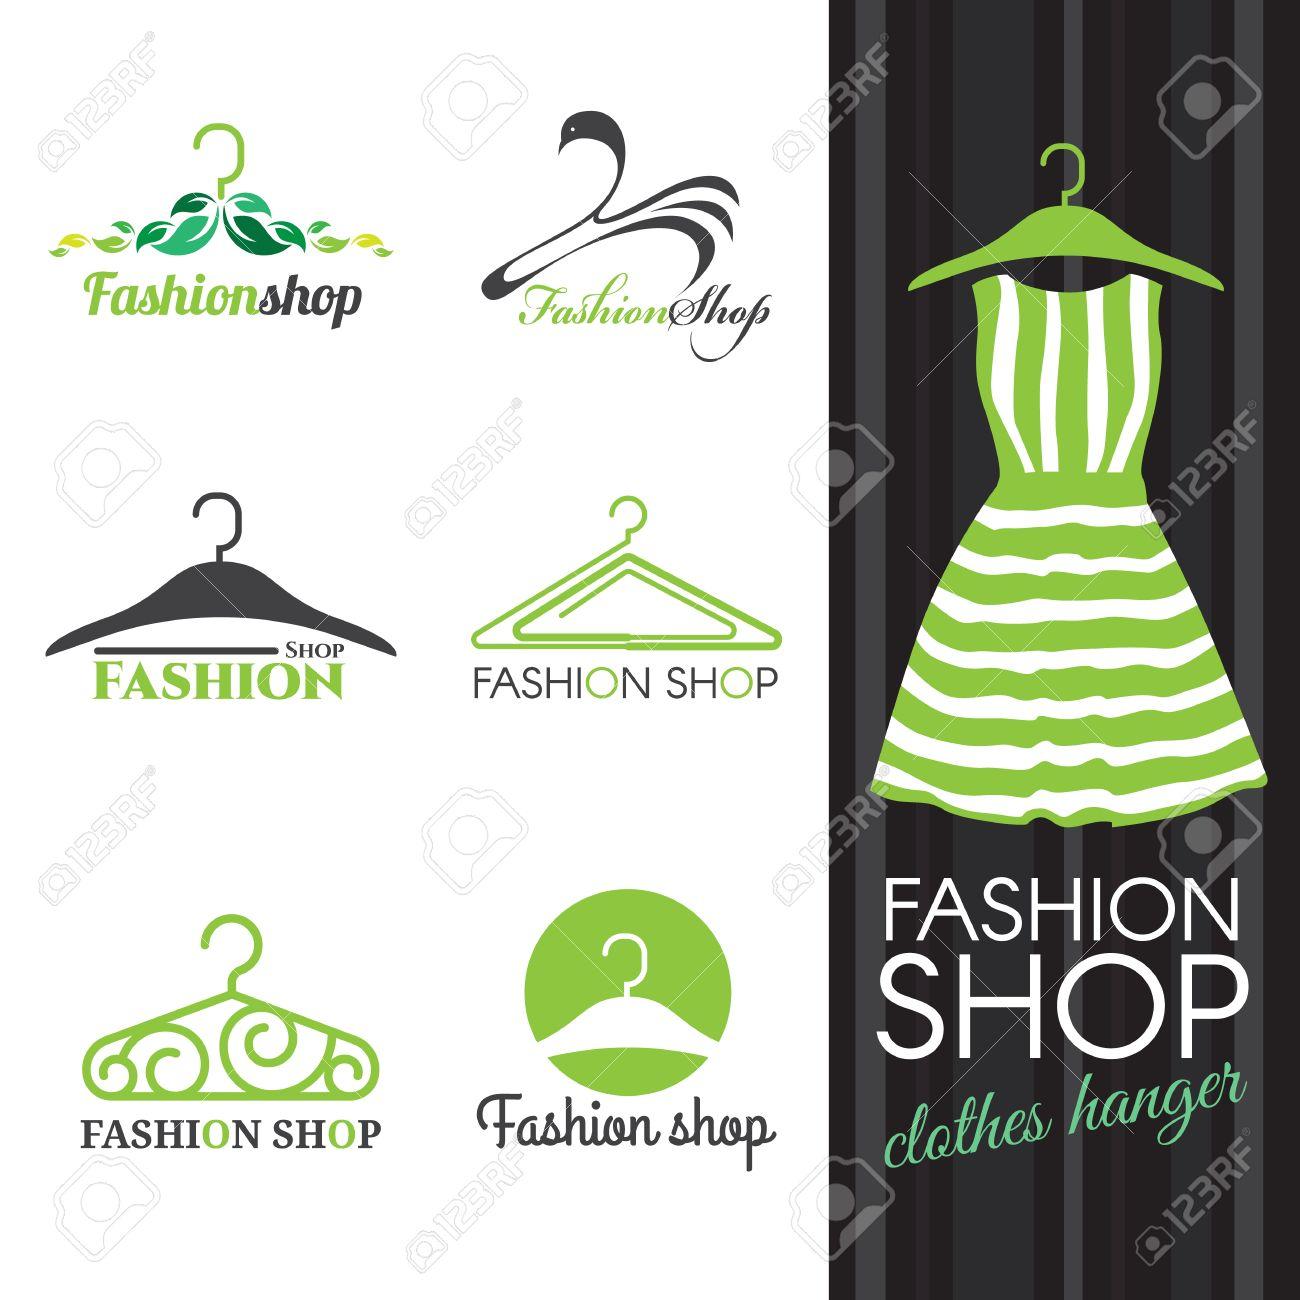 Fashion shop logo - Green Clothes hanger vector set design - 58011360